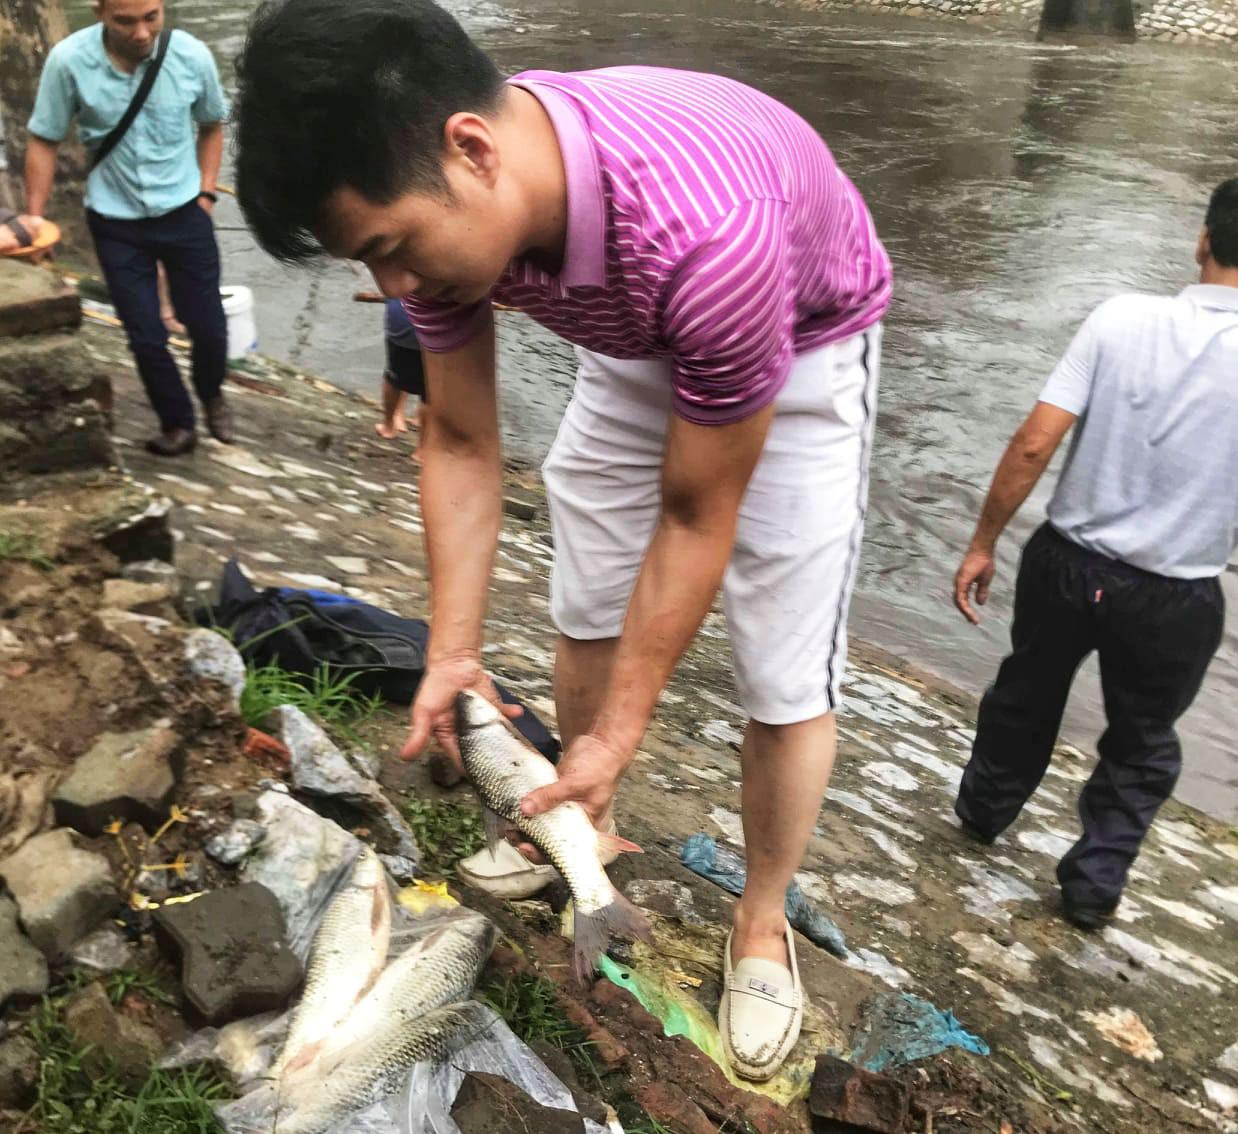 Hà Nội mưa như trút nước, người khốn khổ tát nước từ nhà ra sân, người hăng hái ra kênh bắt cá-13